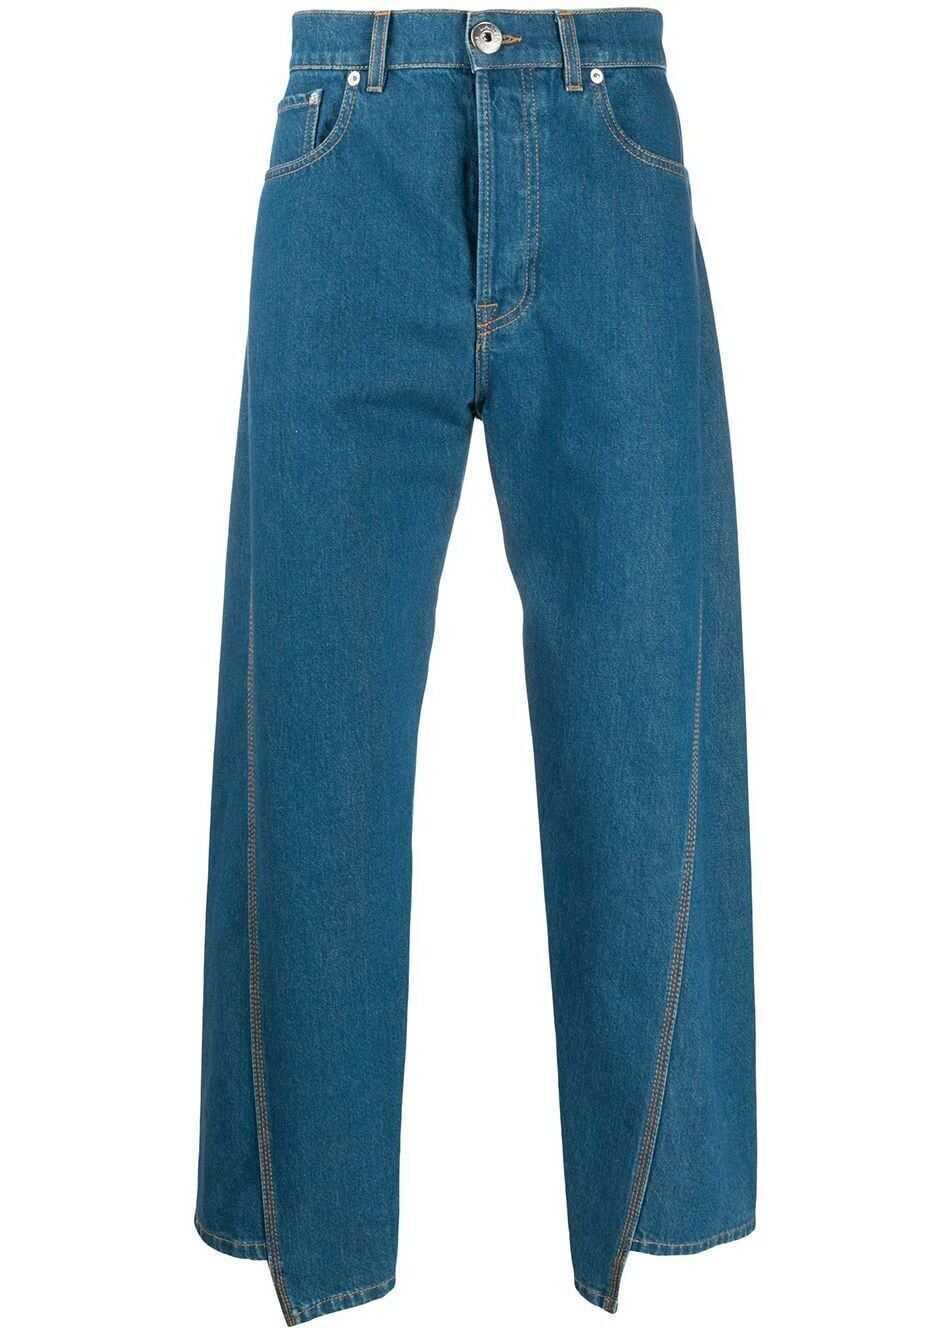 Lanvin Cotton Jeans BLUE